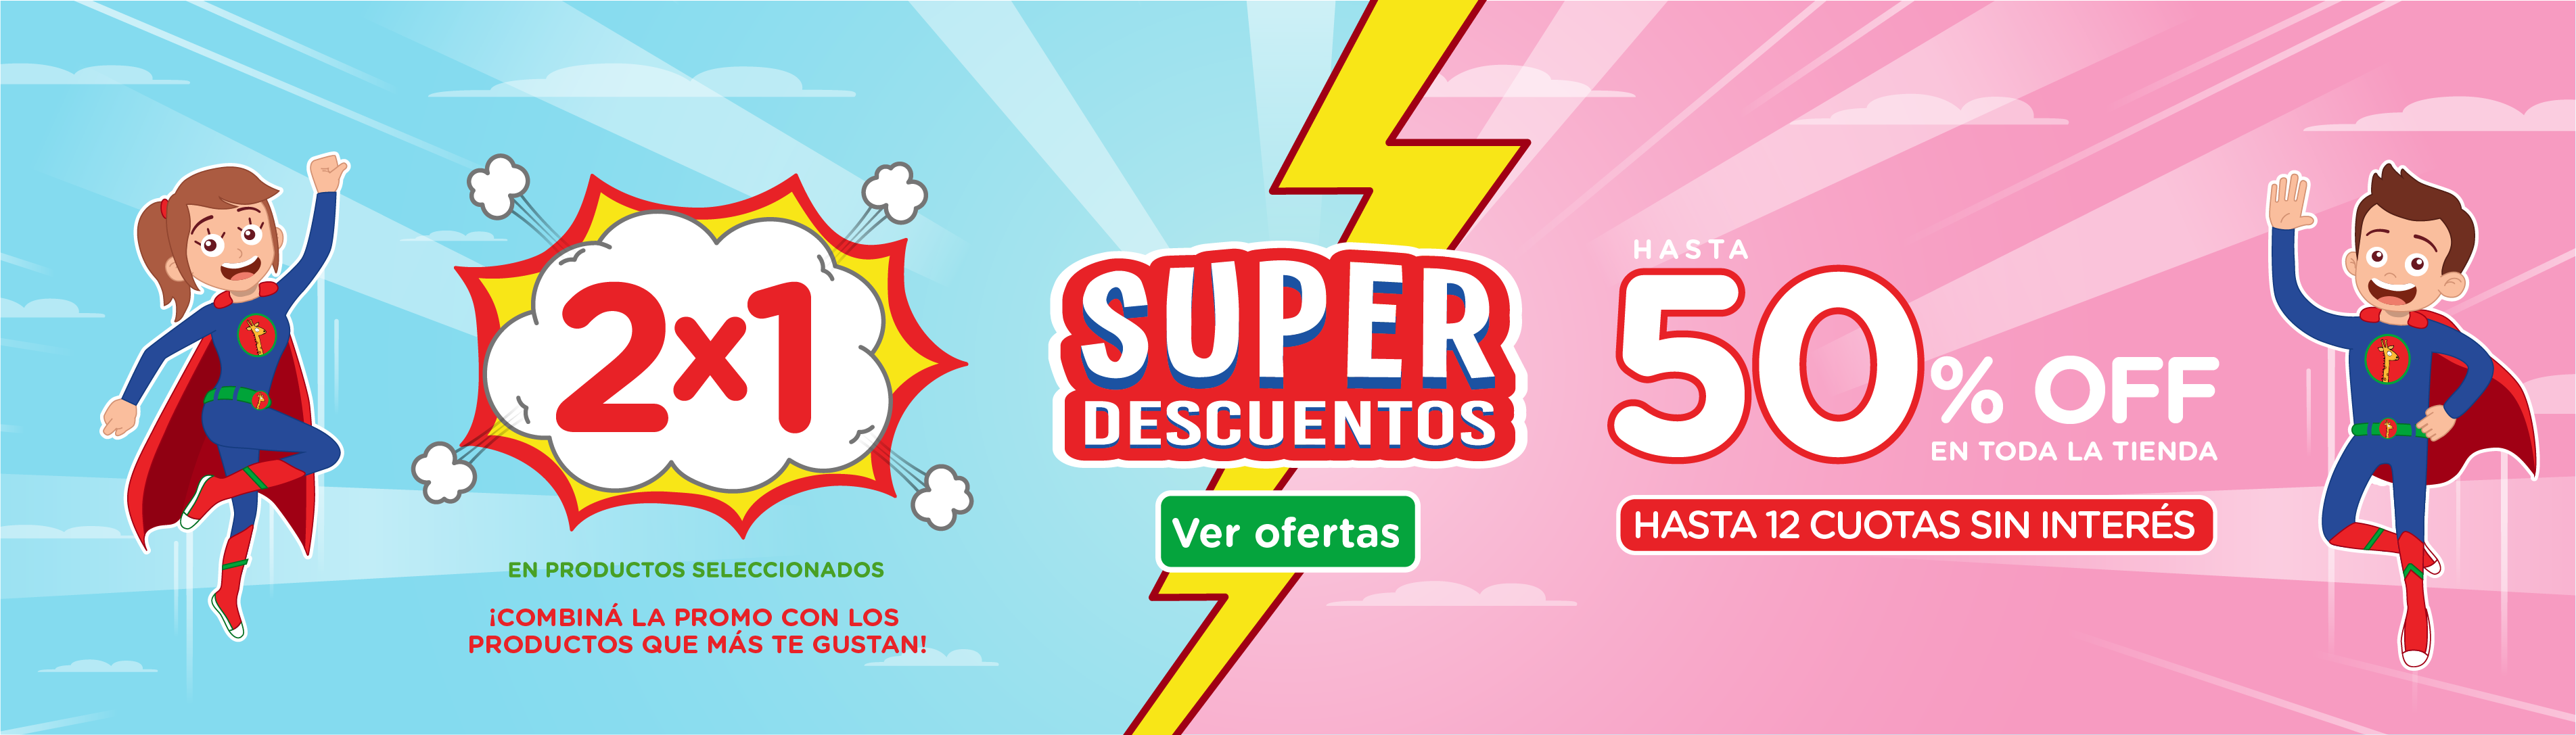 Banner Superdescuentos